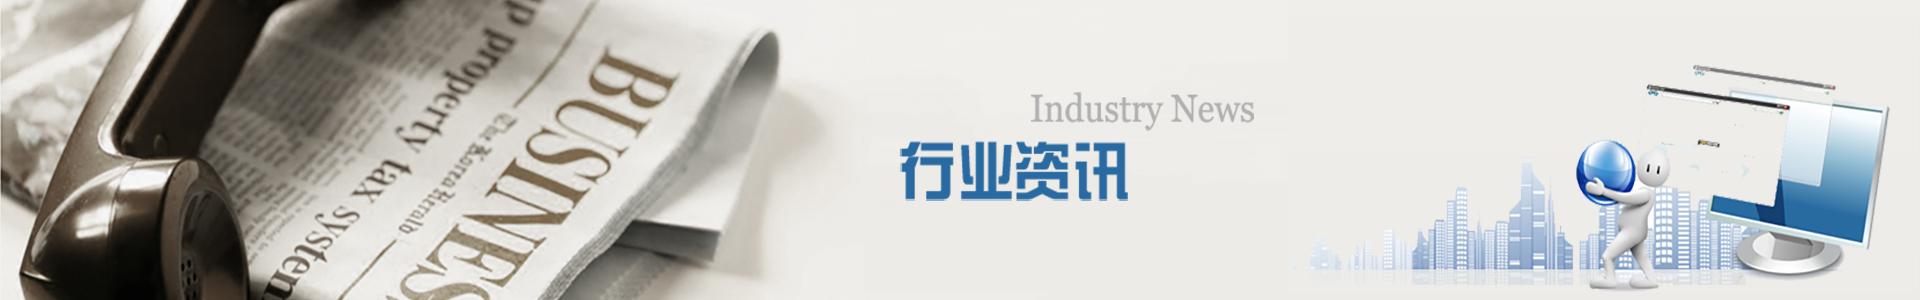 平博app打标机厂家